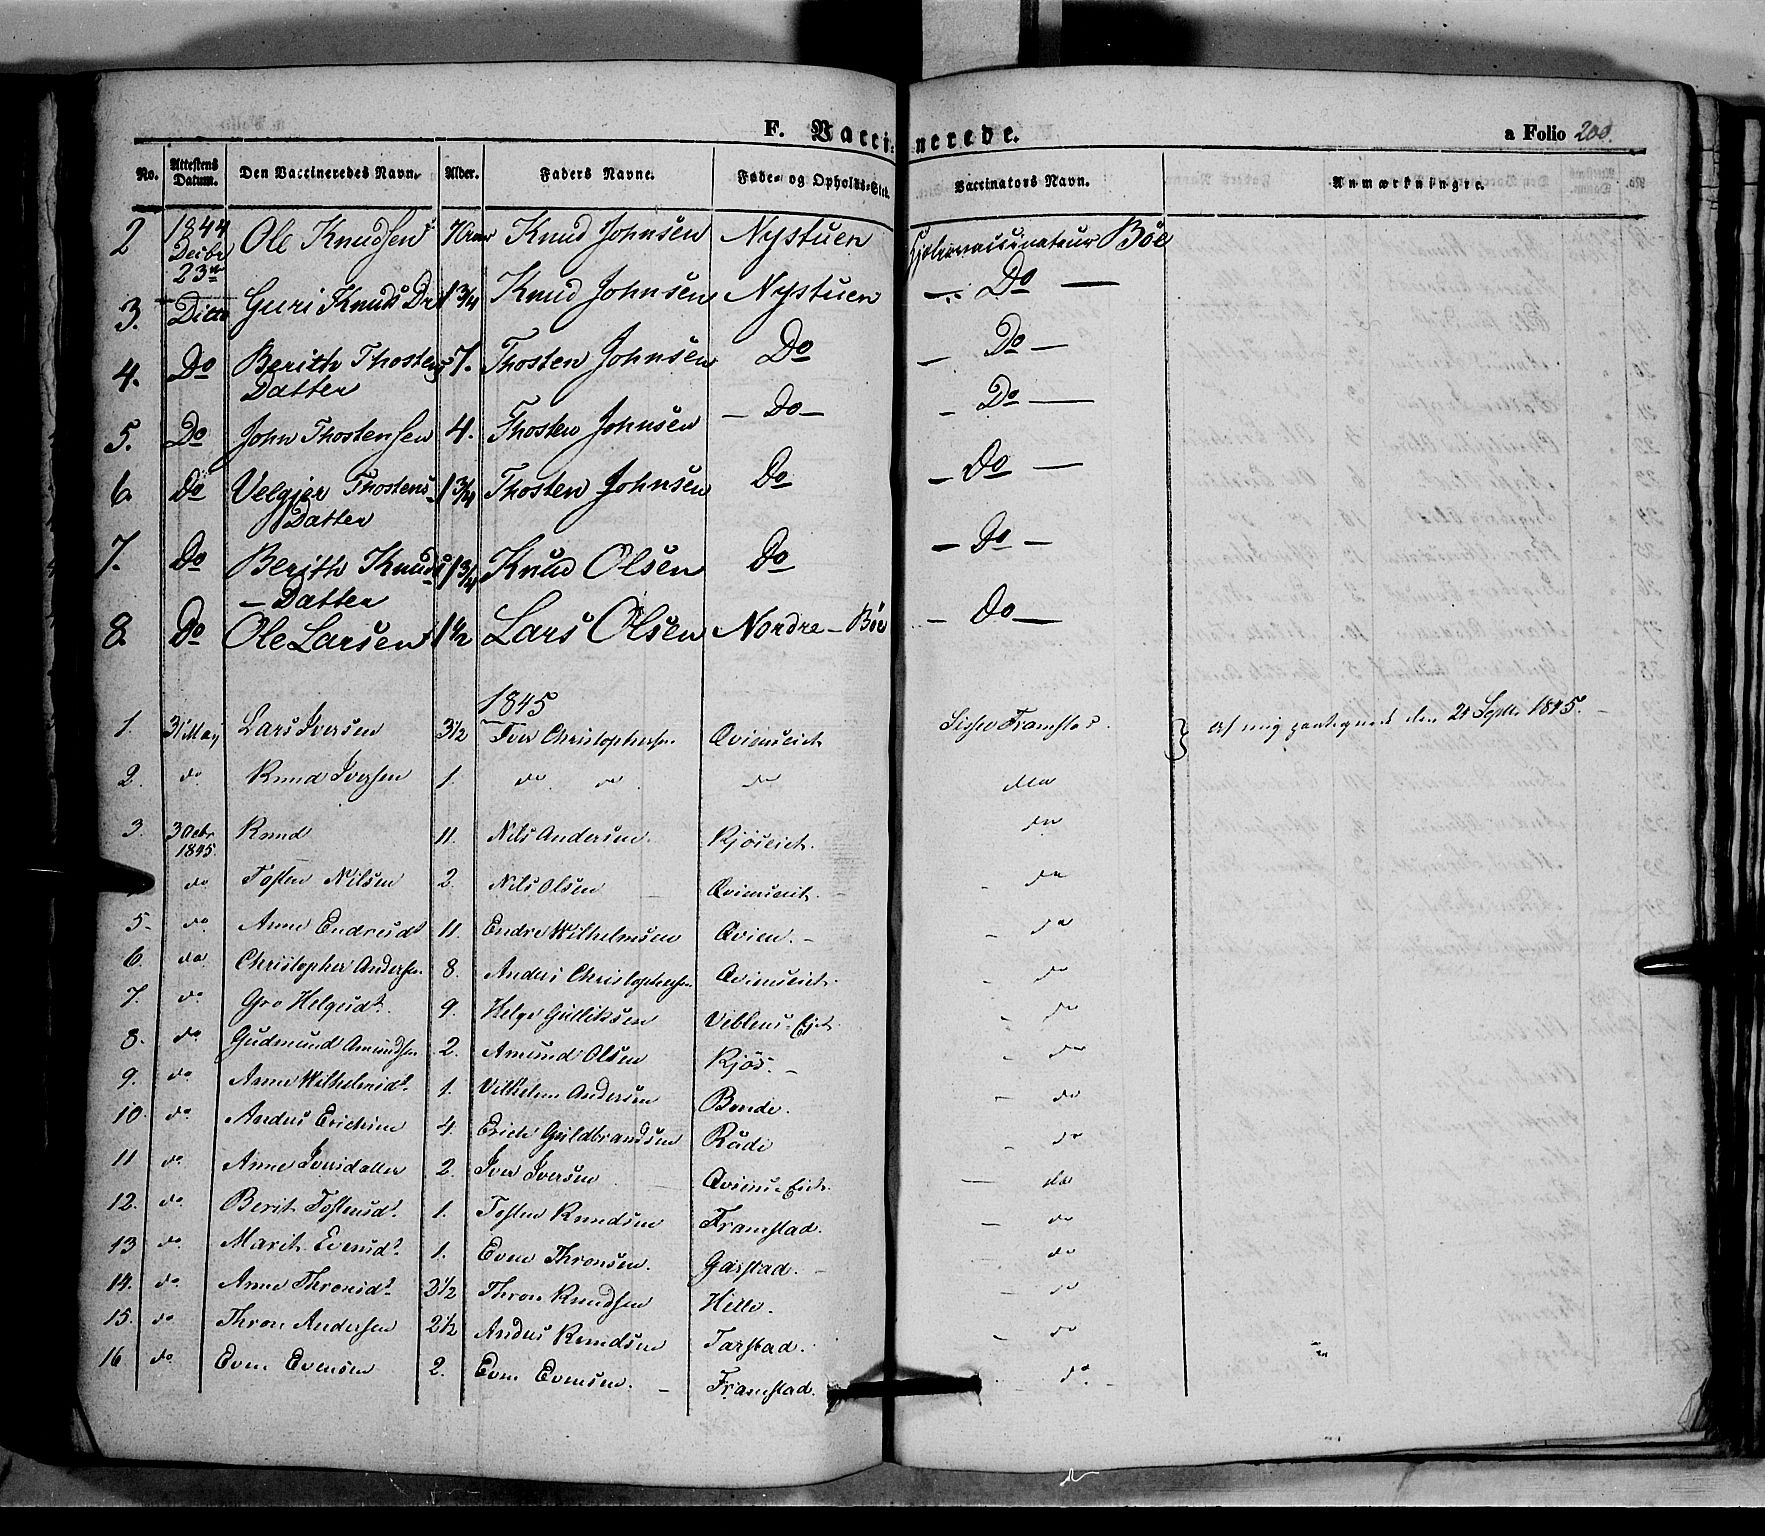 SAH, Vang prestekontor, Valdres, Ministerialbok nr. 5, 1831-1845, s. 200